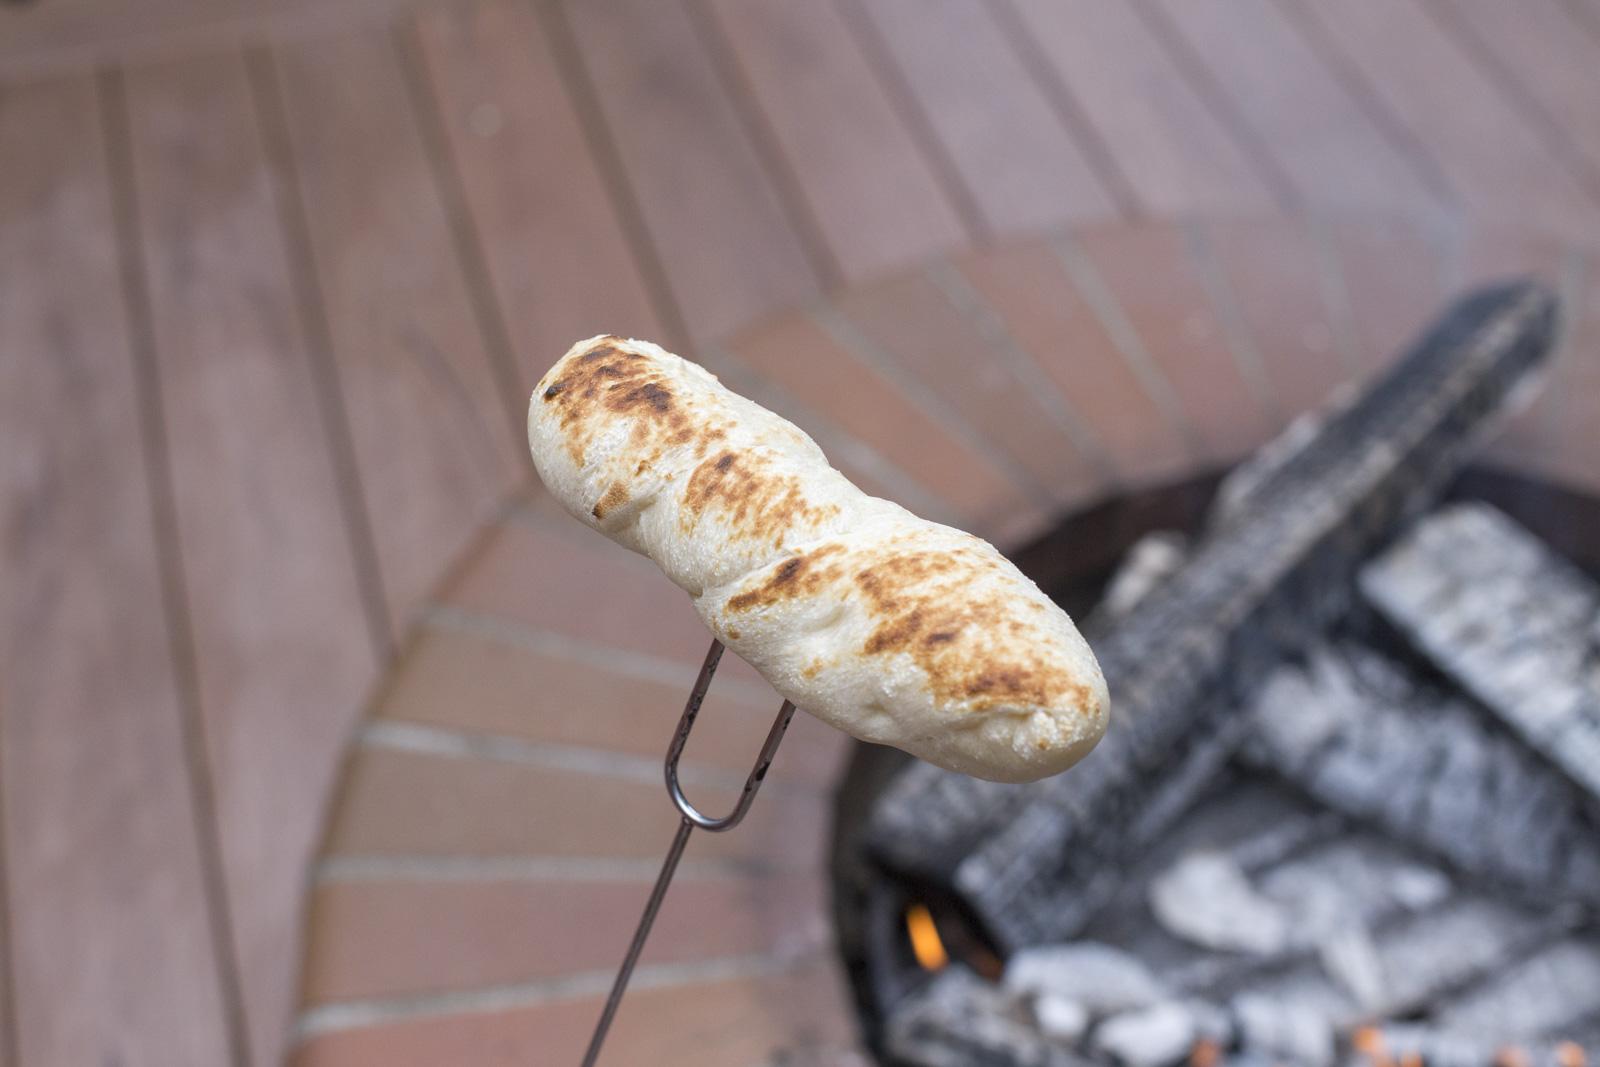 roasting hotdog